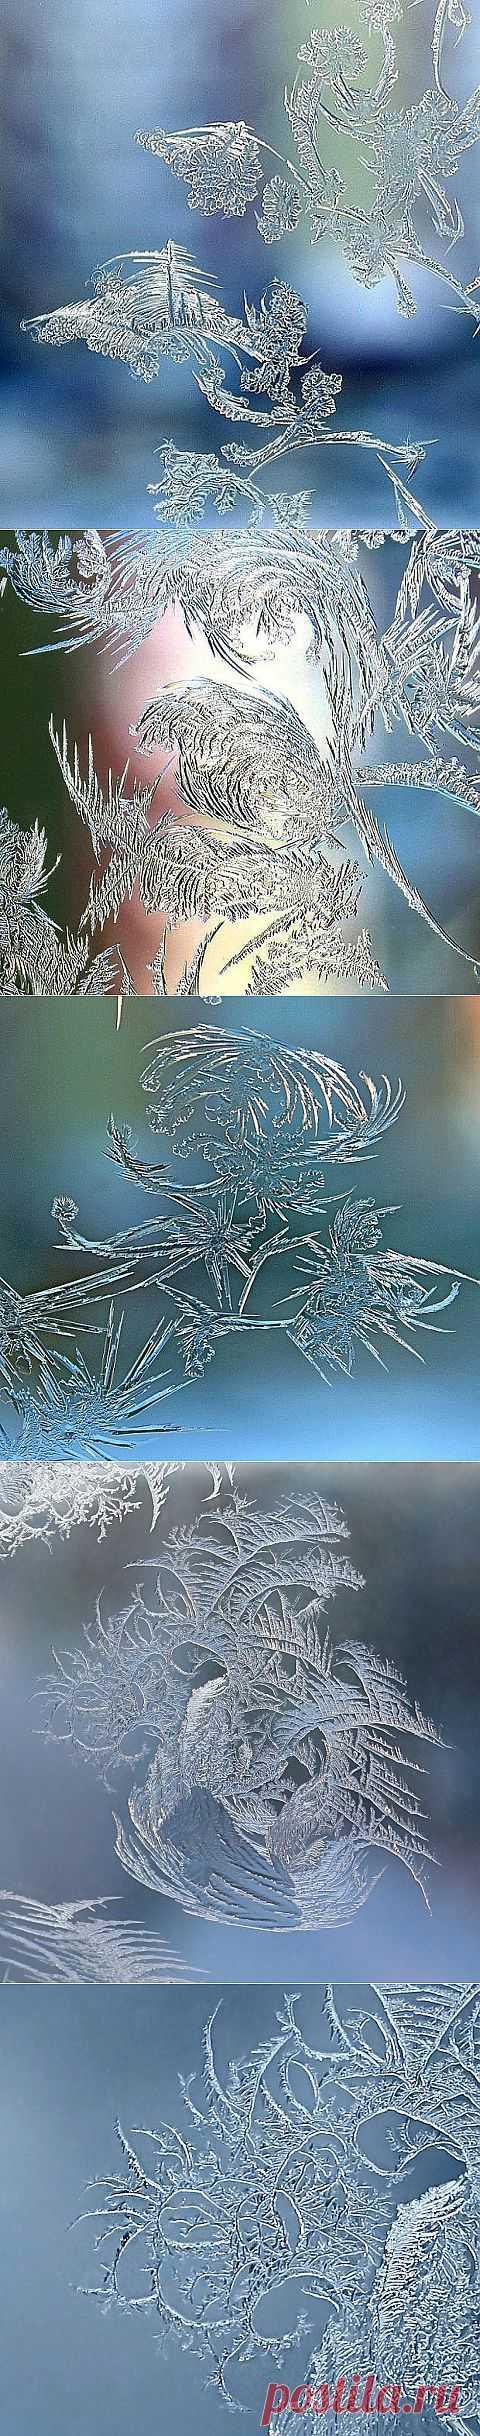 Зимние узоры | Фотоискусство